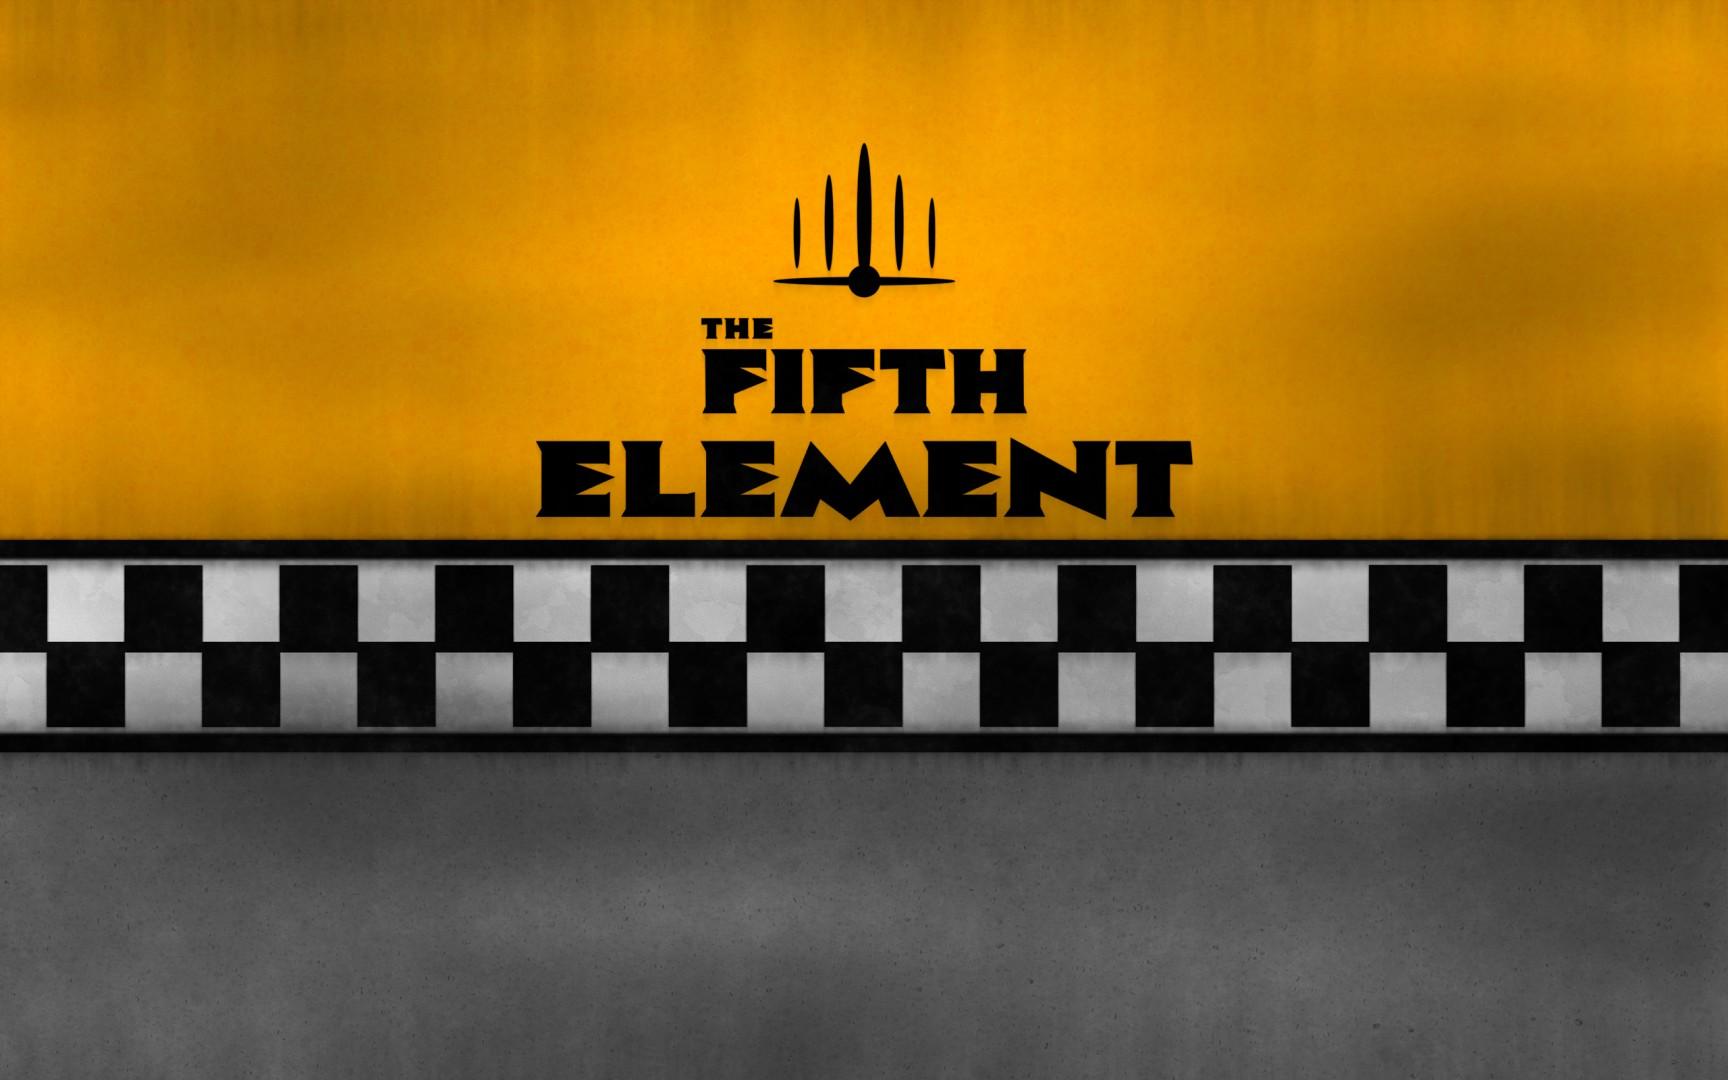 The Fifth Element Logo HD Wallpaper FullHDWpp   Full HD 1728x1080